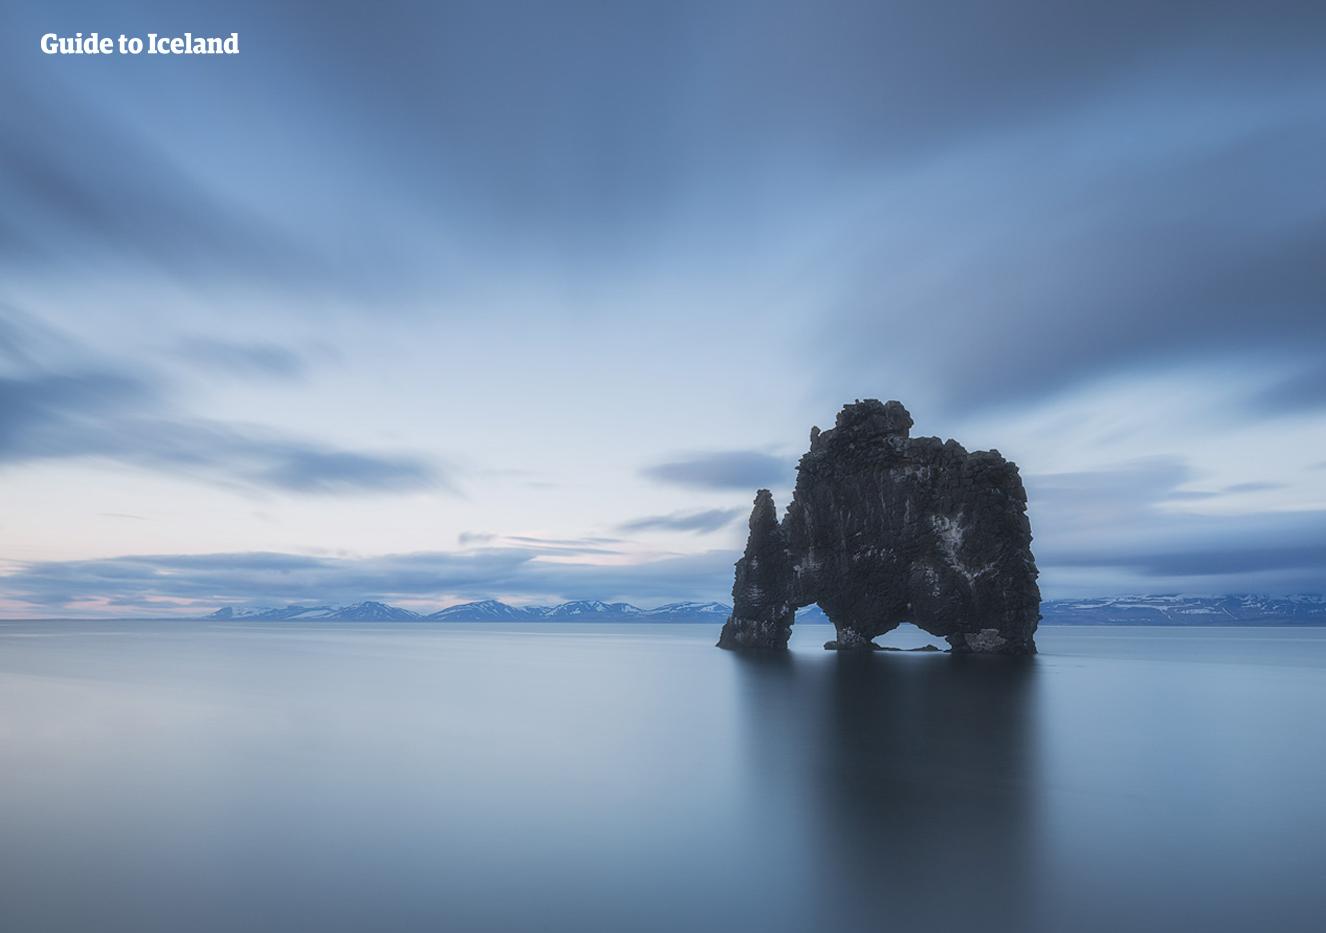 코끼리바위로 알려진 크빗세쿠르, 북부 아이슬란드